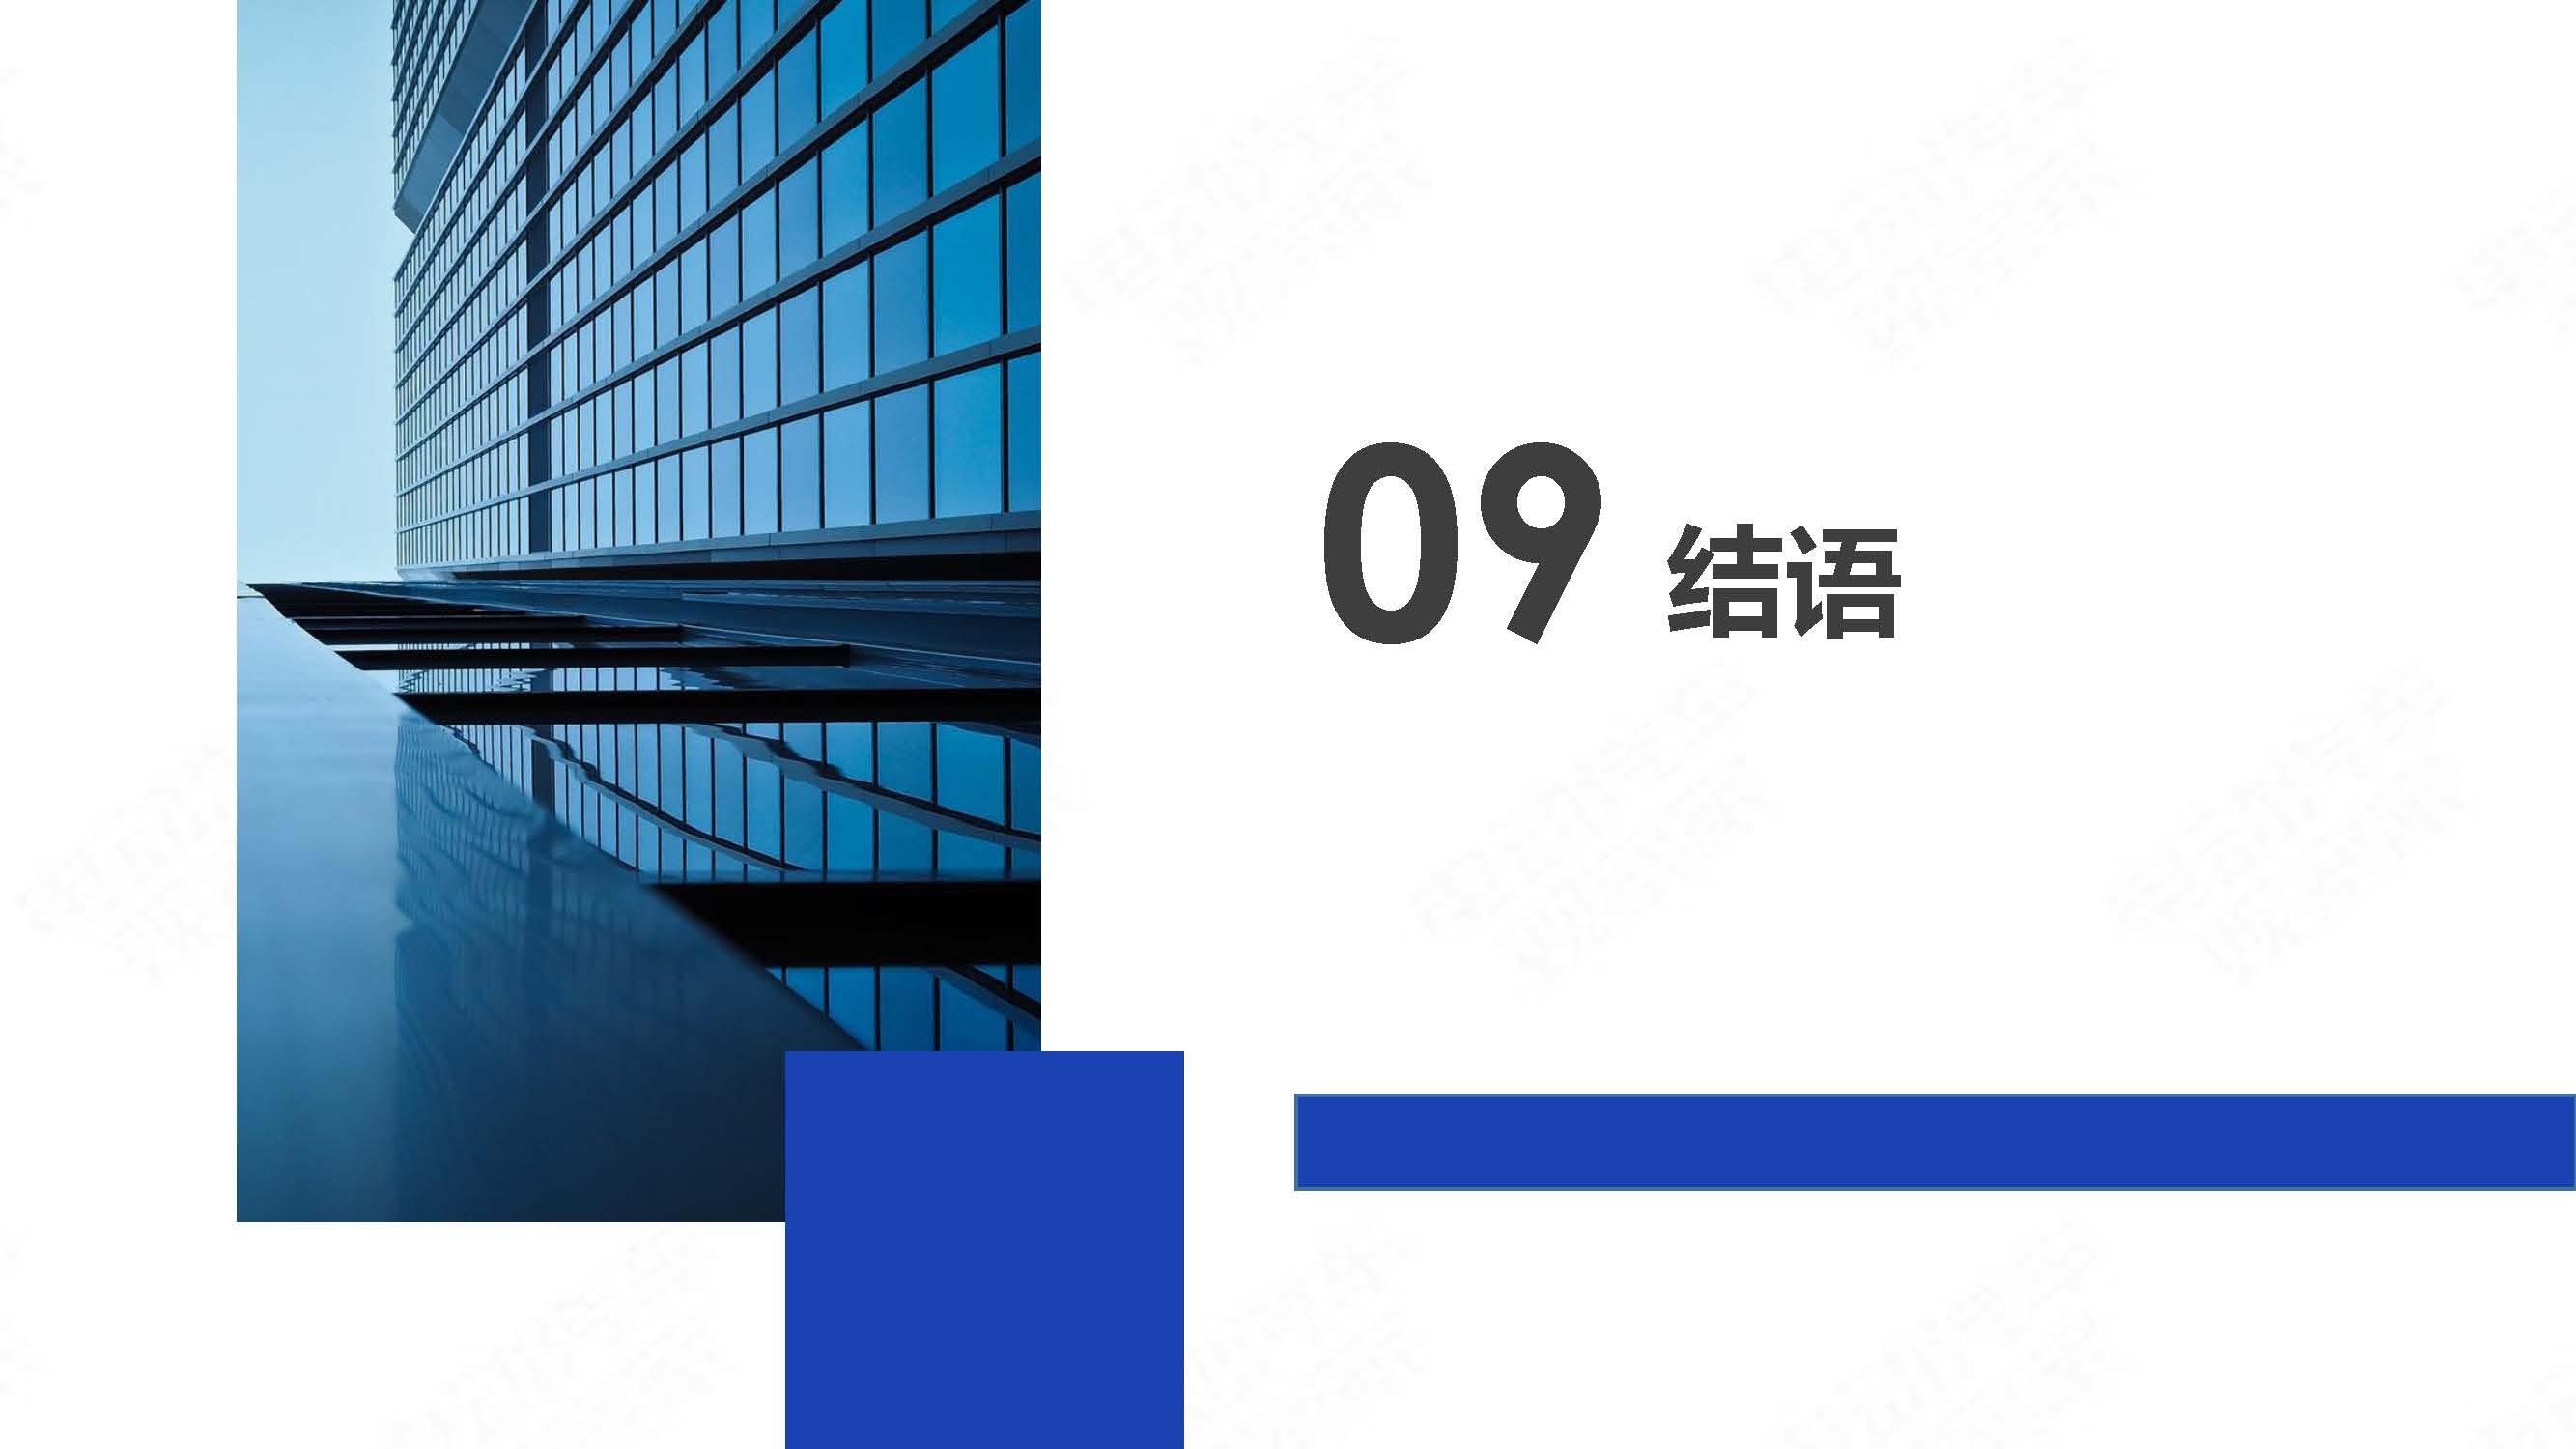 中国新能源汽车产业年度观察2020 简版_页面_51